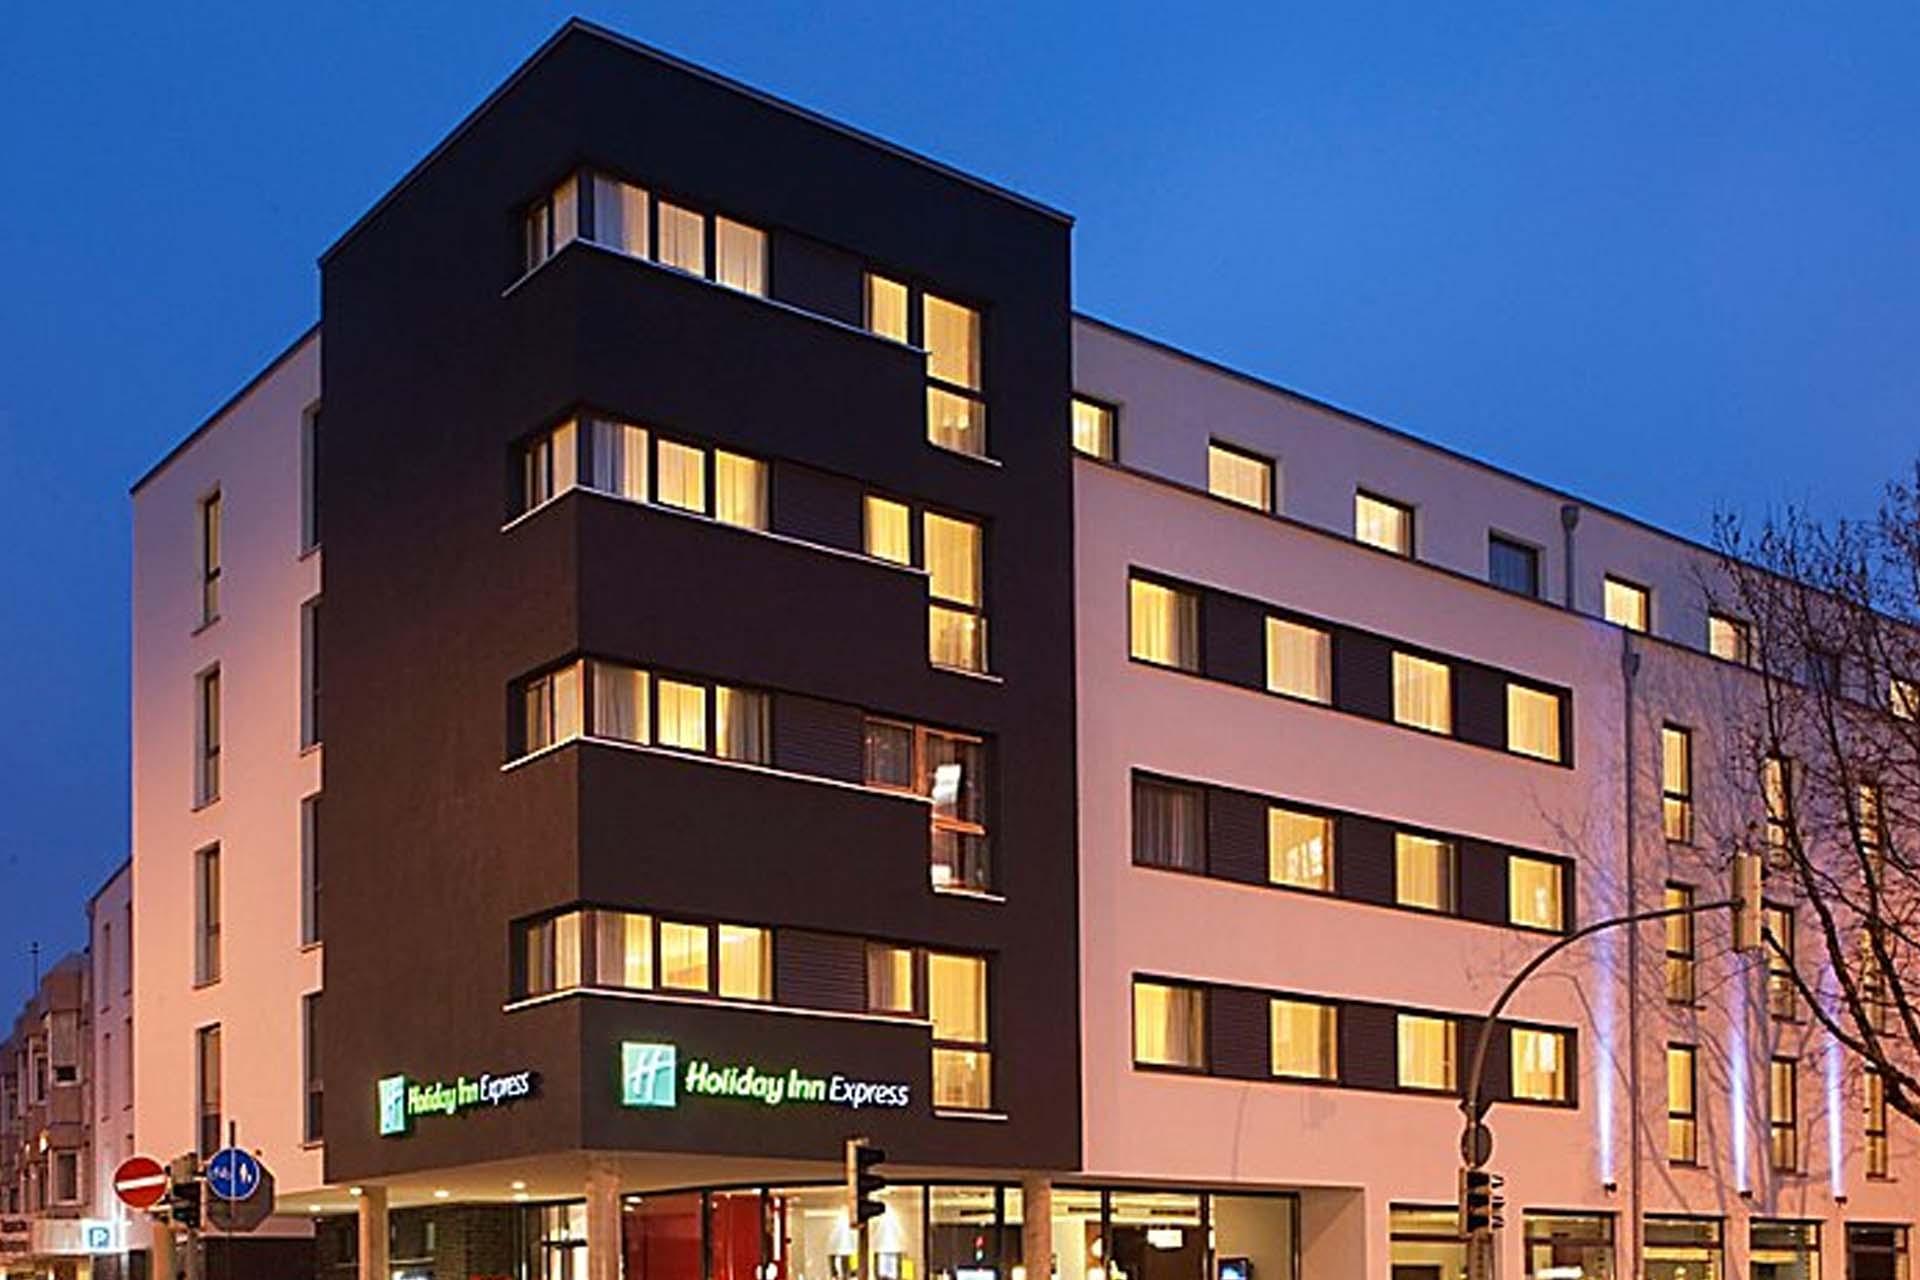 Holiday Inn Express, Guetersloh